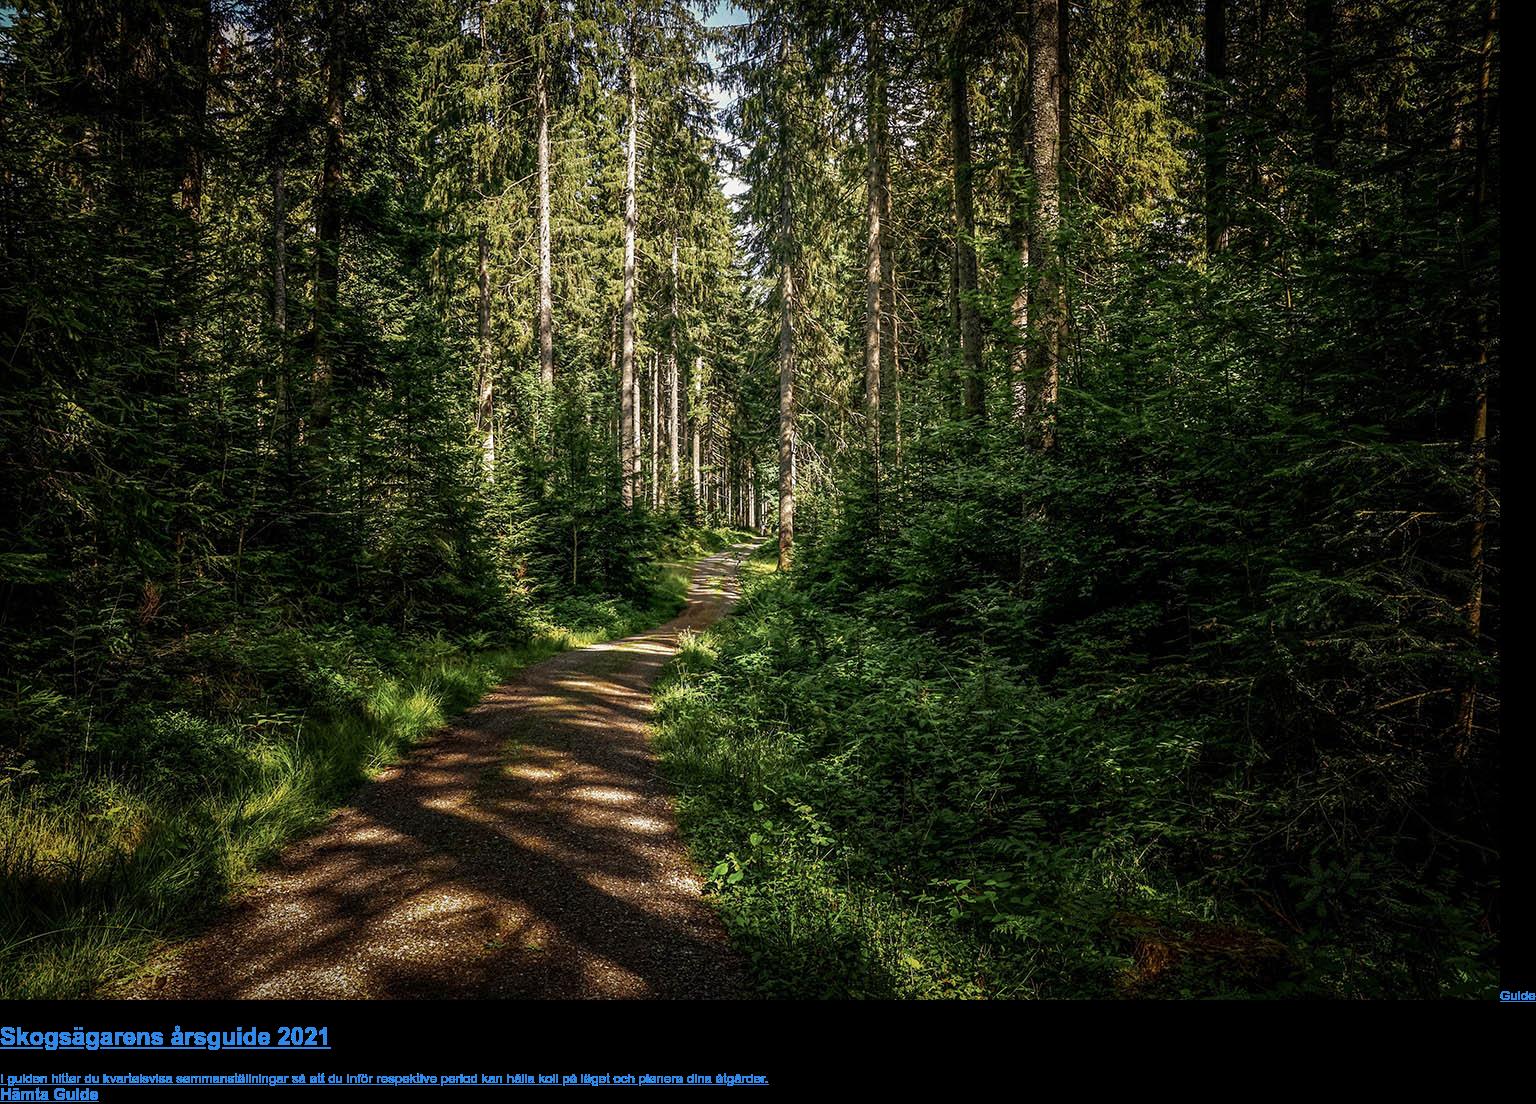 Guide  Skogsägarens årsguide 2021  I guiden hittar du kvartalsvisa sammanställningar så att du inför respektive  period kan hålla koll på läget och planera dina åtgärder. Hämta Guide